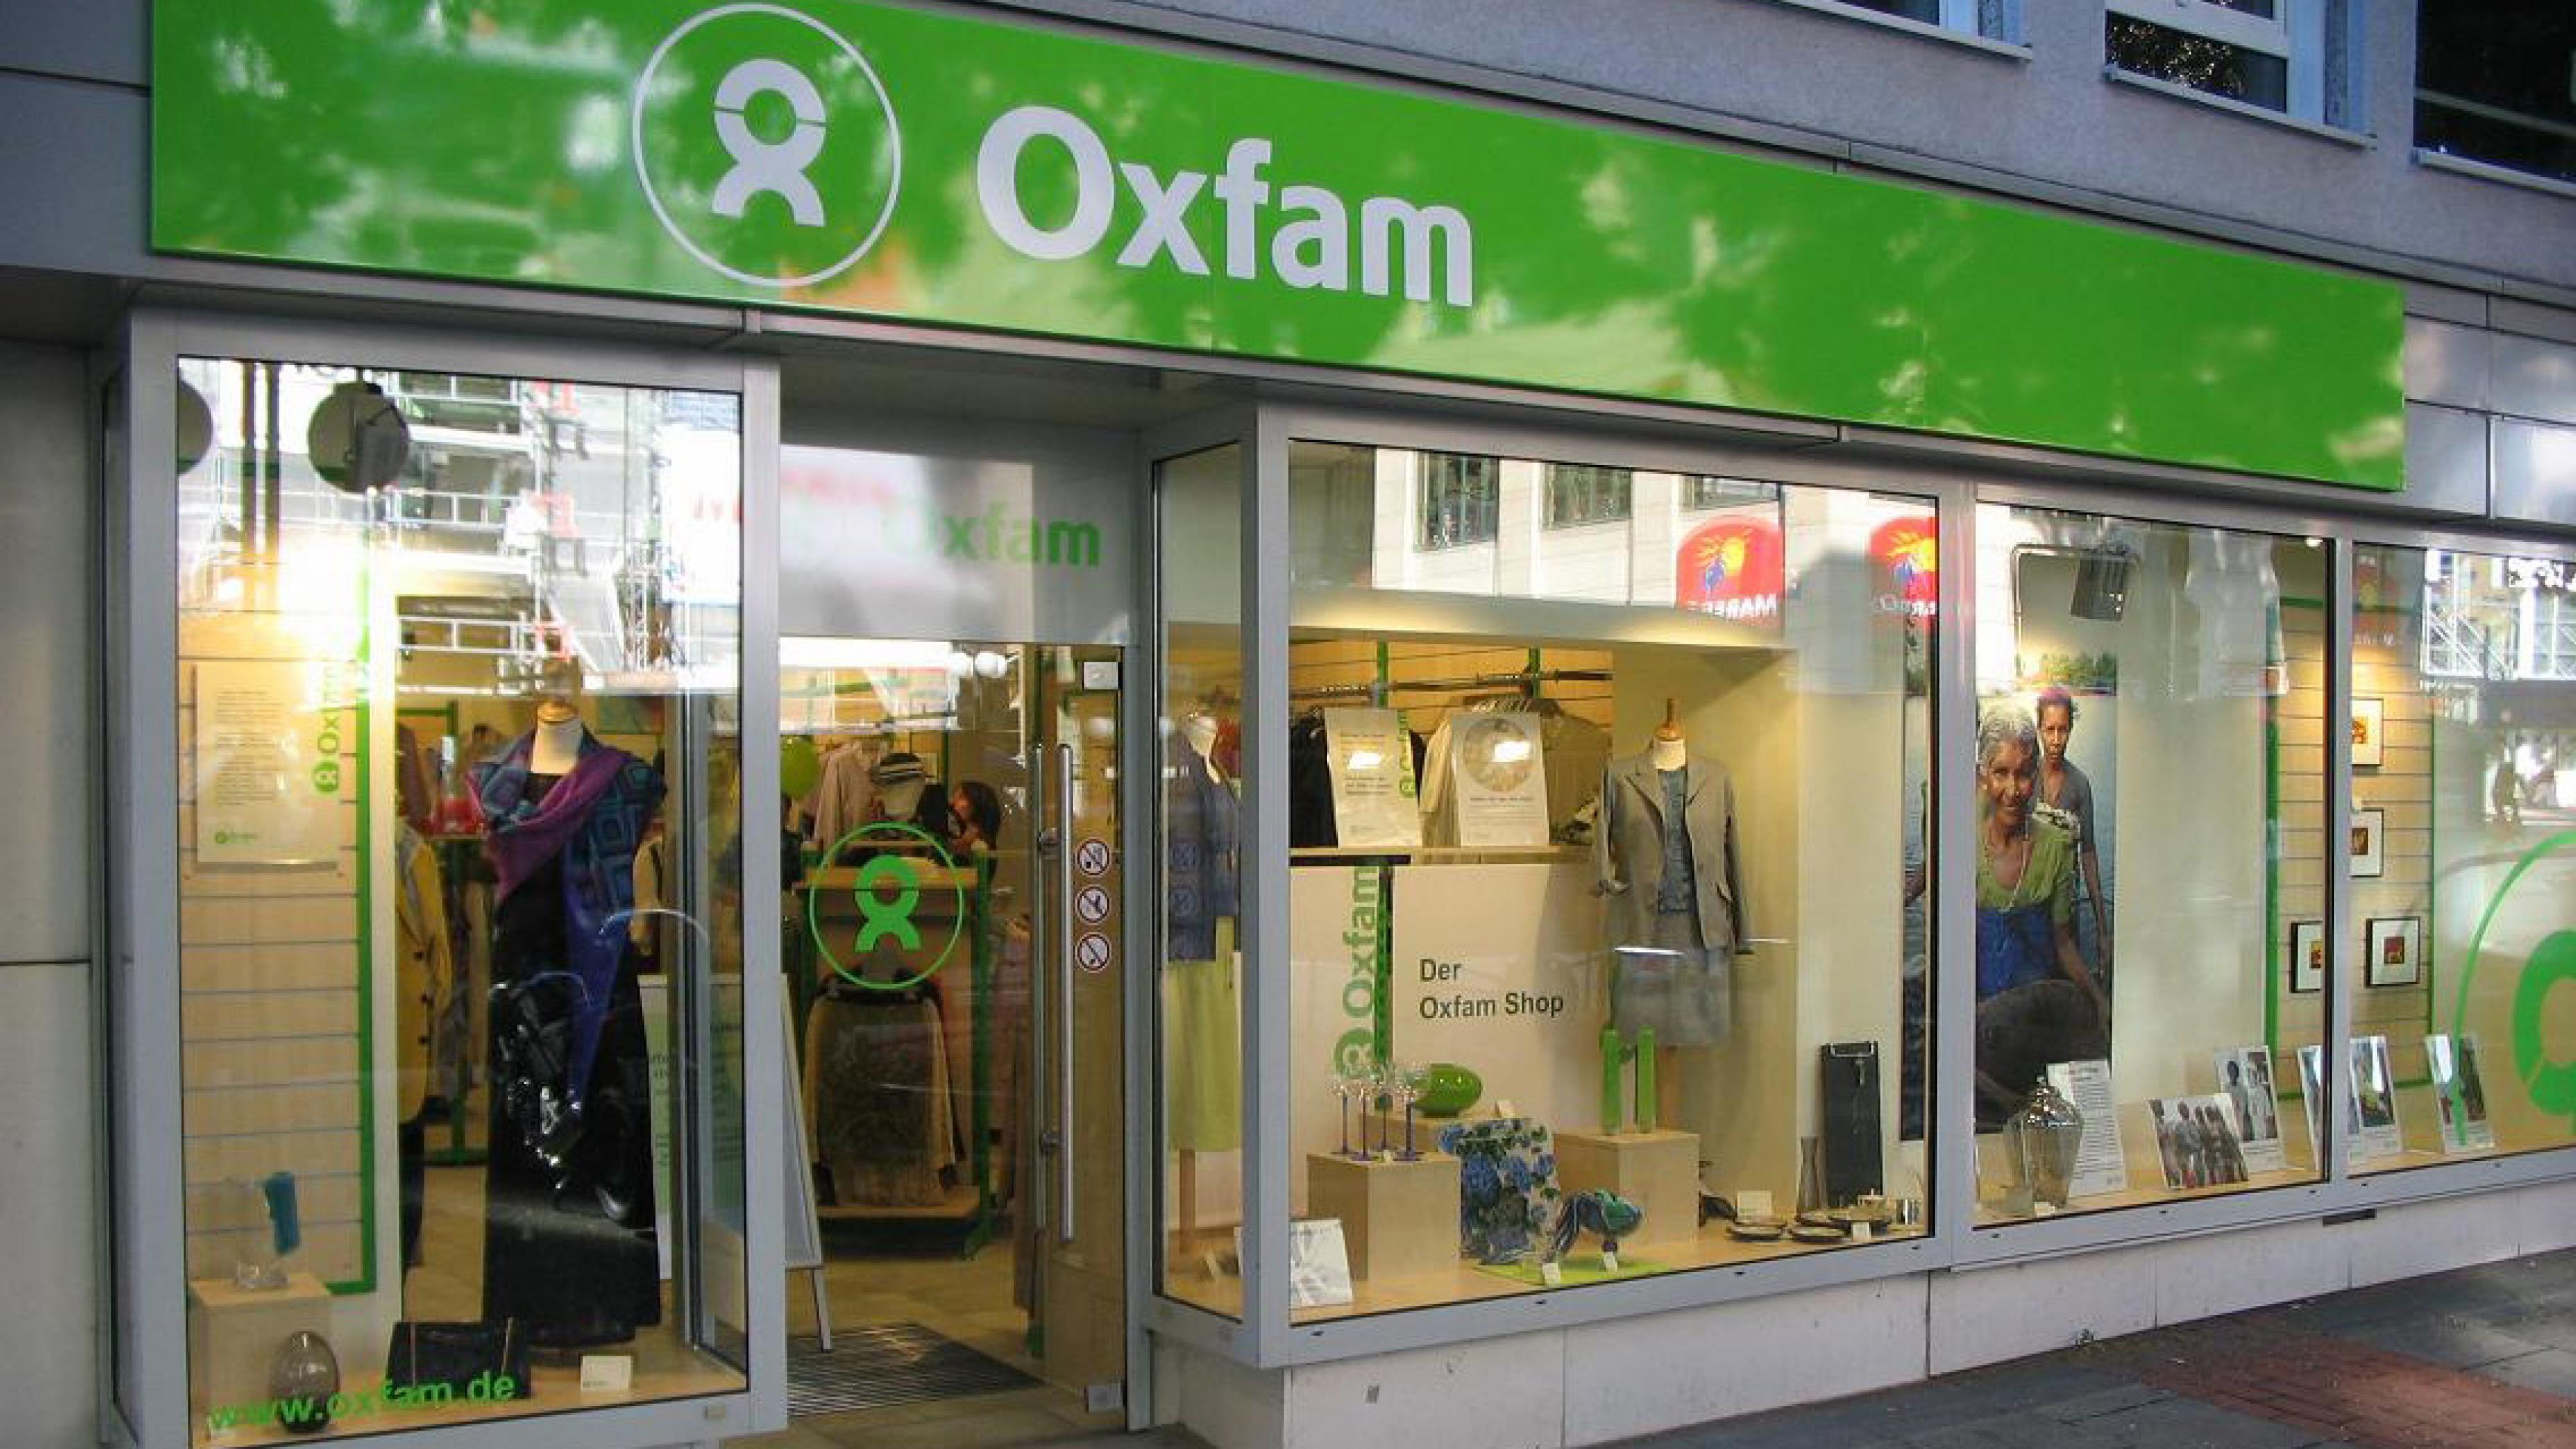 Oxfam Shop Stuttgart - Außenansicht